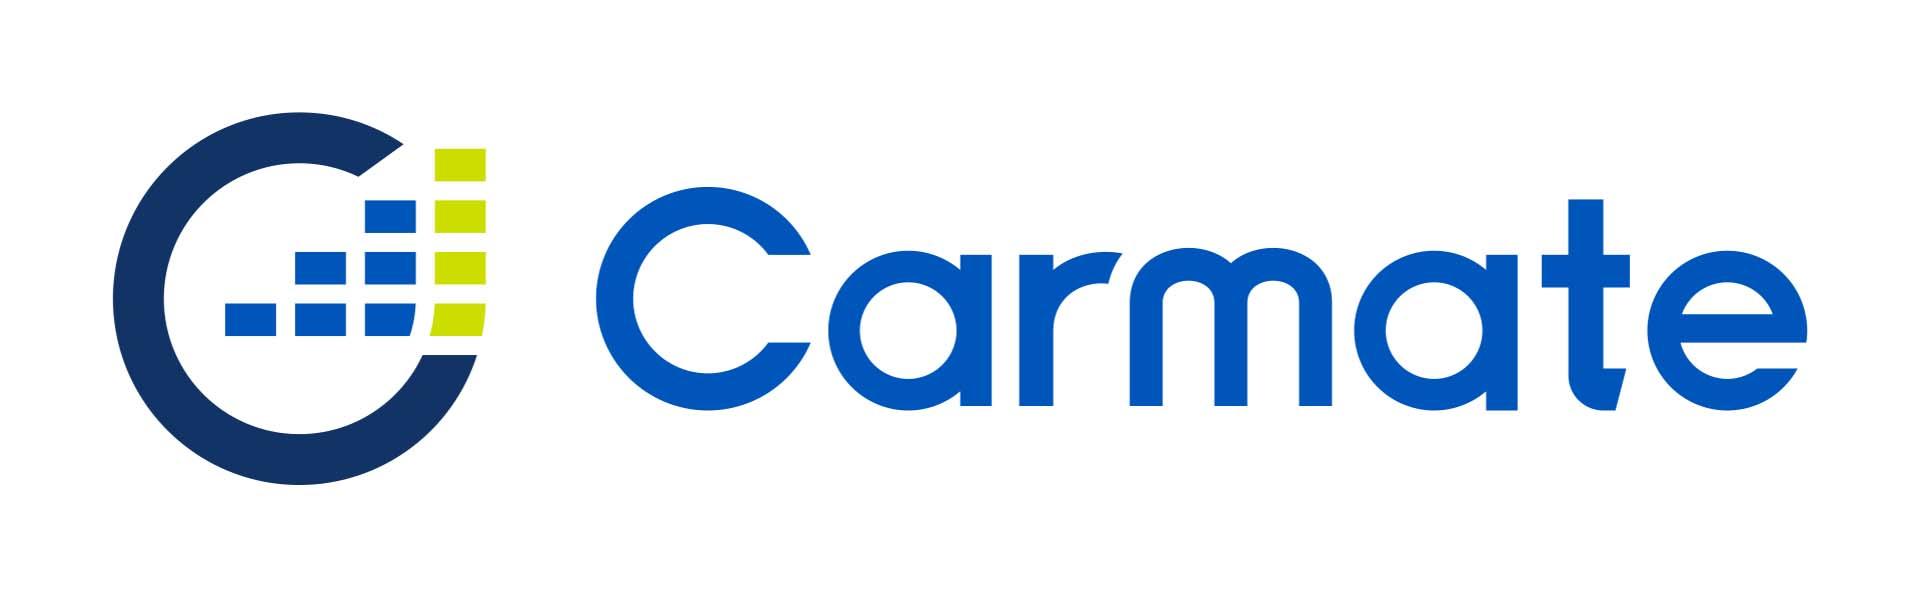 【TMS2019現地詳報】カーメイトが新コーポレートロゴに。「Carmate」で新たな挑戦を決意。注目すべき参考出品が盛りだくさん!